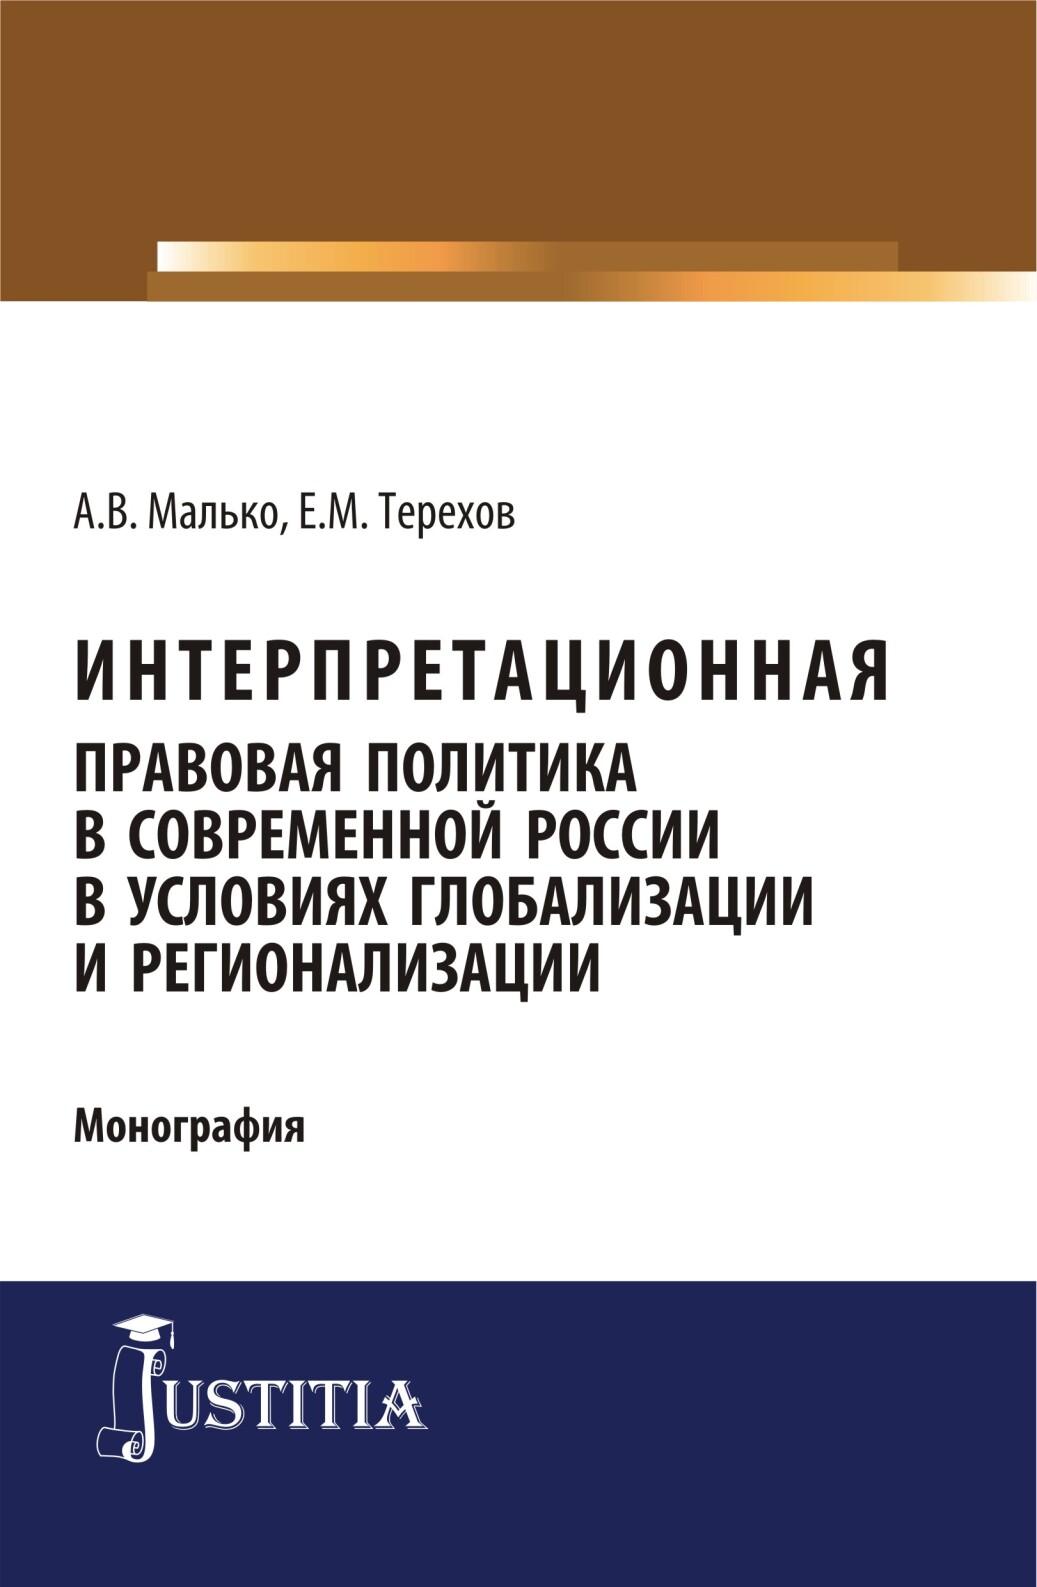 все цены на А. В. Малько Интерпретационная правовая политика в современной России в условиях глобализации и регионализации онлайн